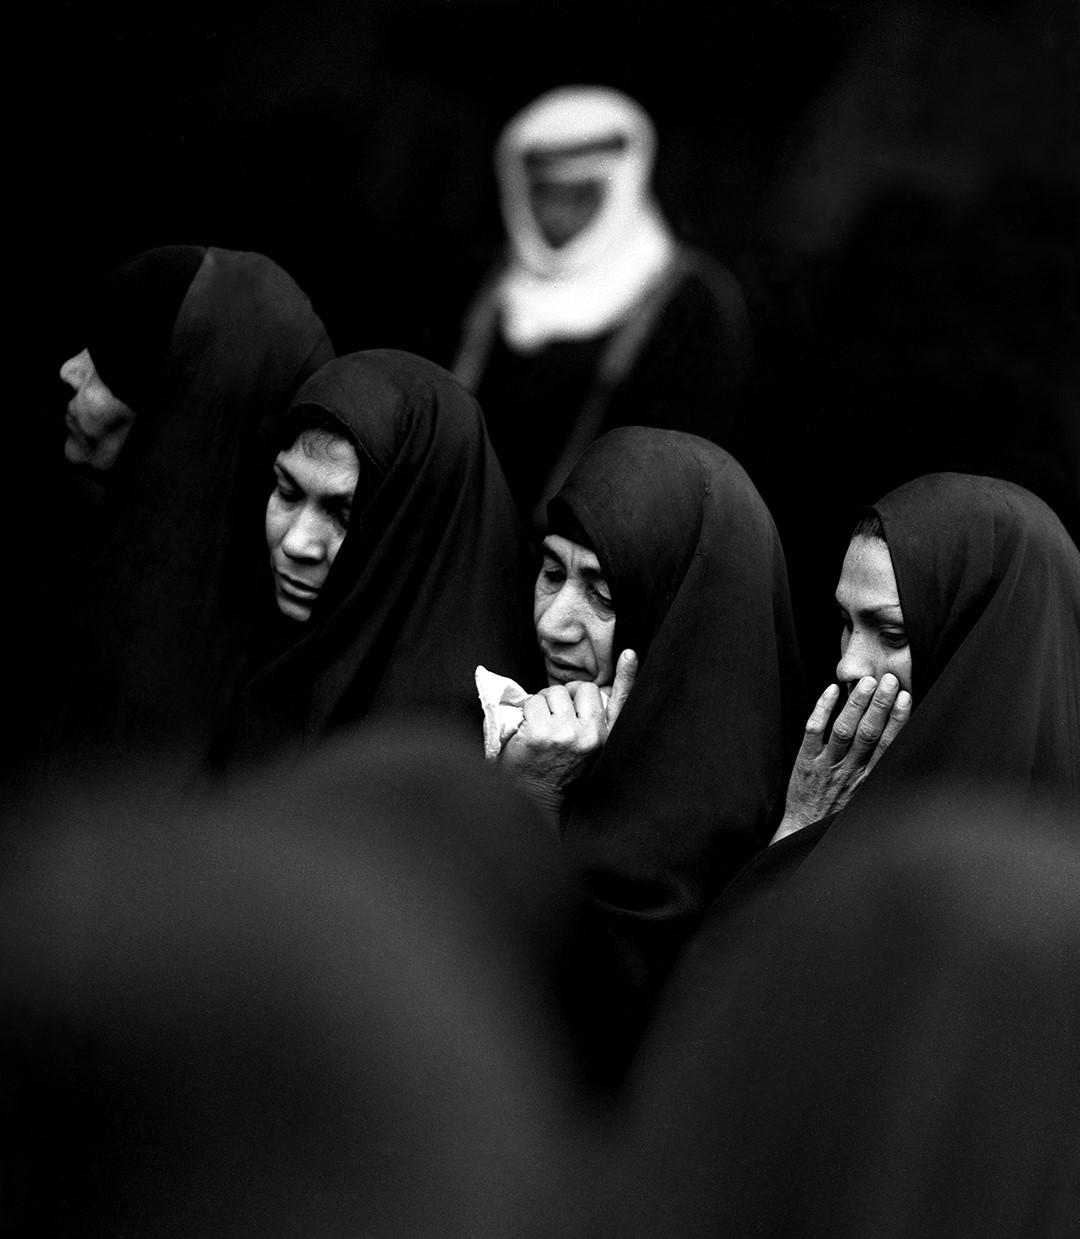 Eifert János: Iraki asszonyok / Women from Iraque (Bagdad, 1975. január) Asszonyok az Aranymecset előtt Pentacon Six TTL fényképezőgép, Olimpia Sonnar 180/2,8 teleobjektív, ORWO NP 20 f-f negatív film